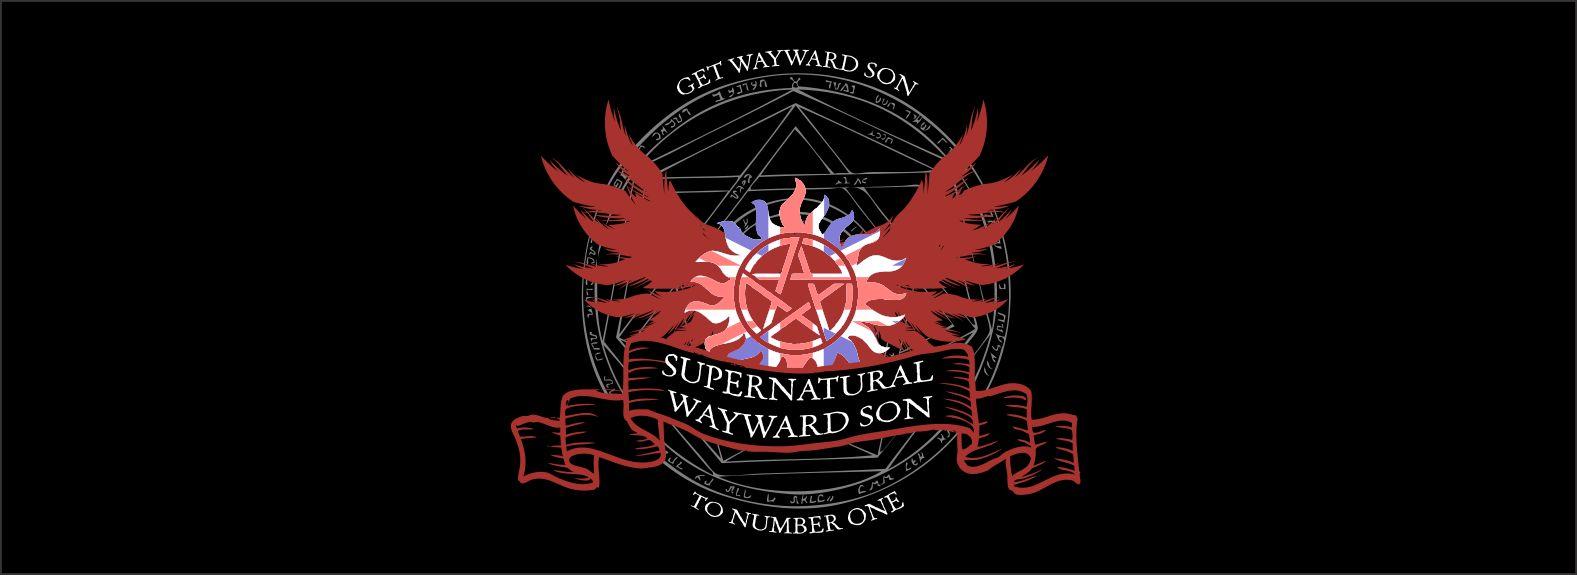 SPN Wayward Son design.jpg